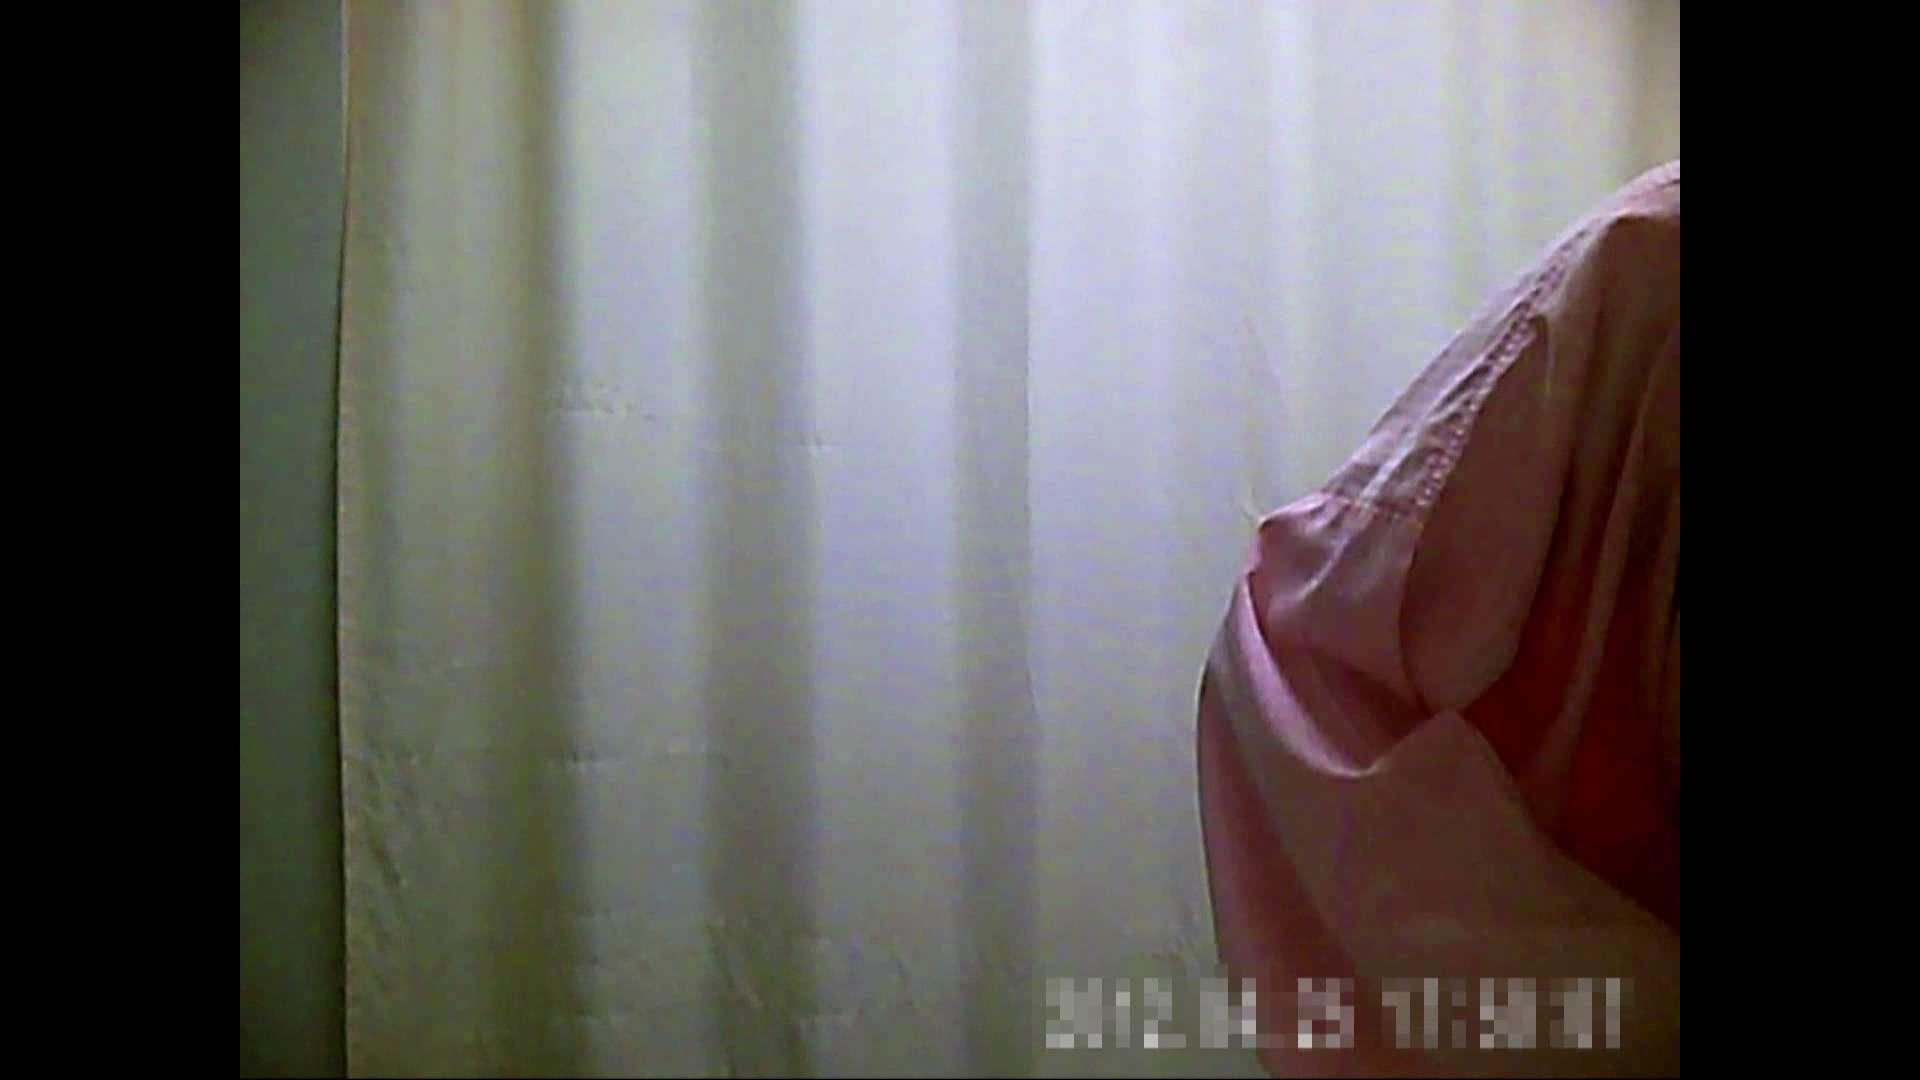 無修正エロ動画|元医者による反抗 更衣室地獄絵巻 vol.009|怪盗ジョーカー